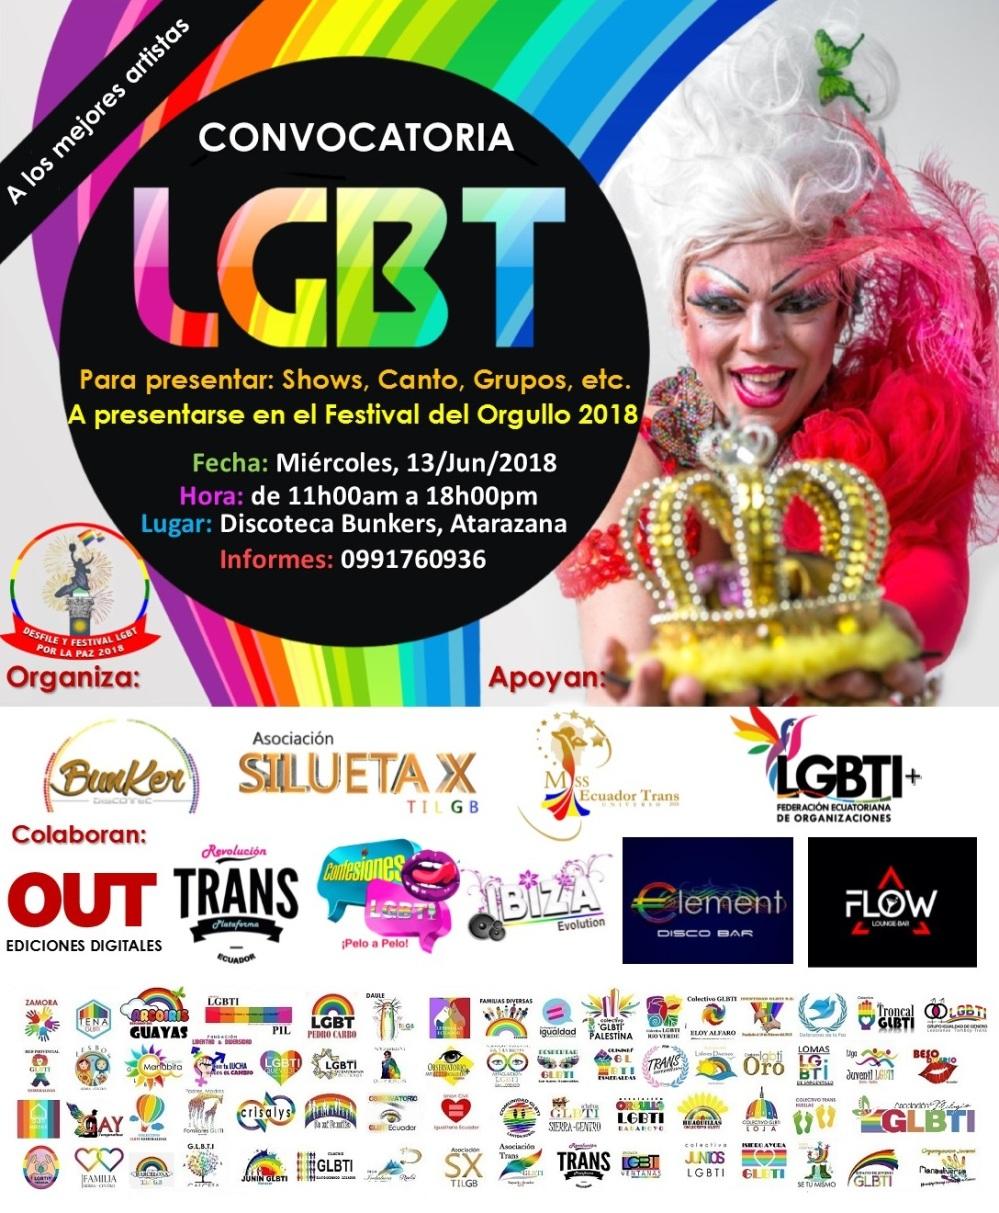 Convocatoria a artistas LGBT para el Festival 2018